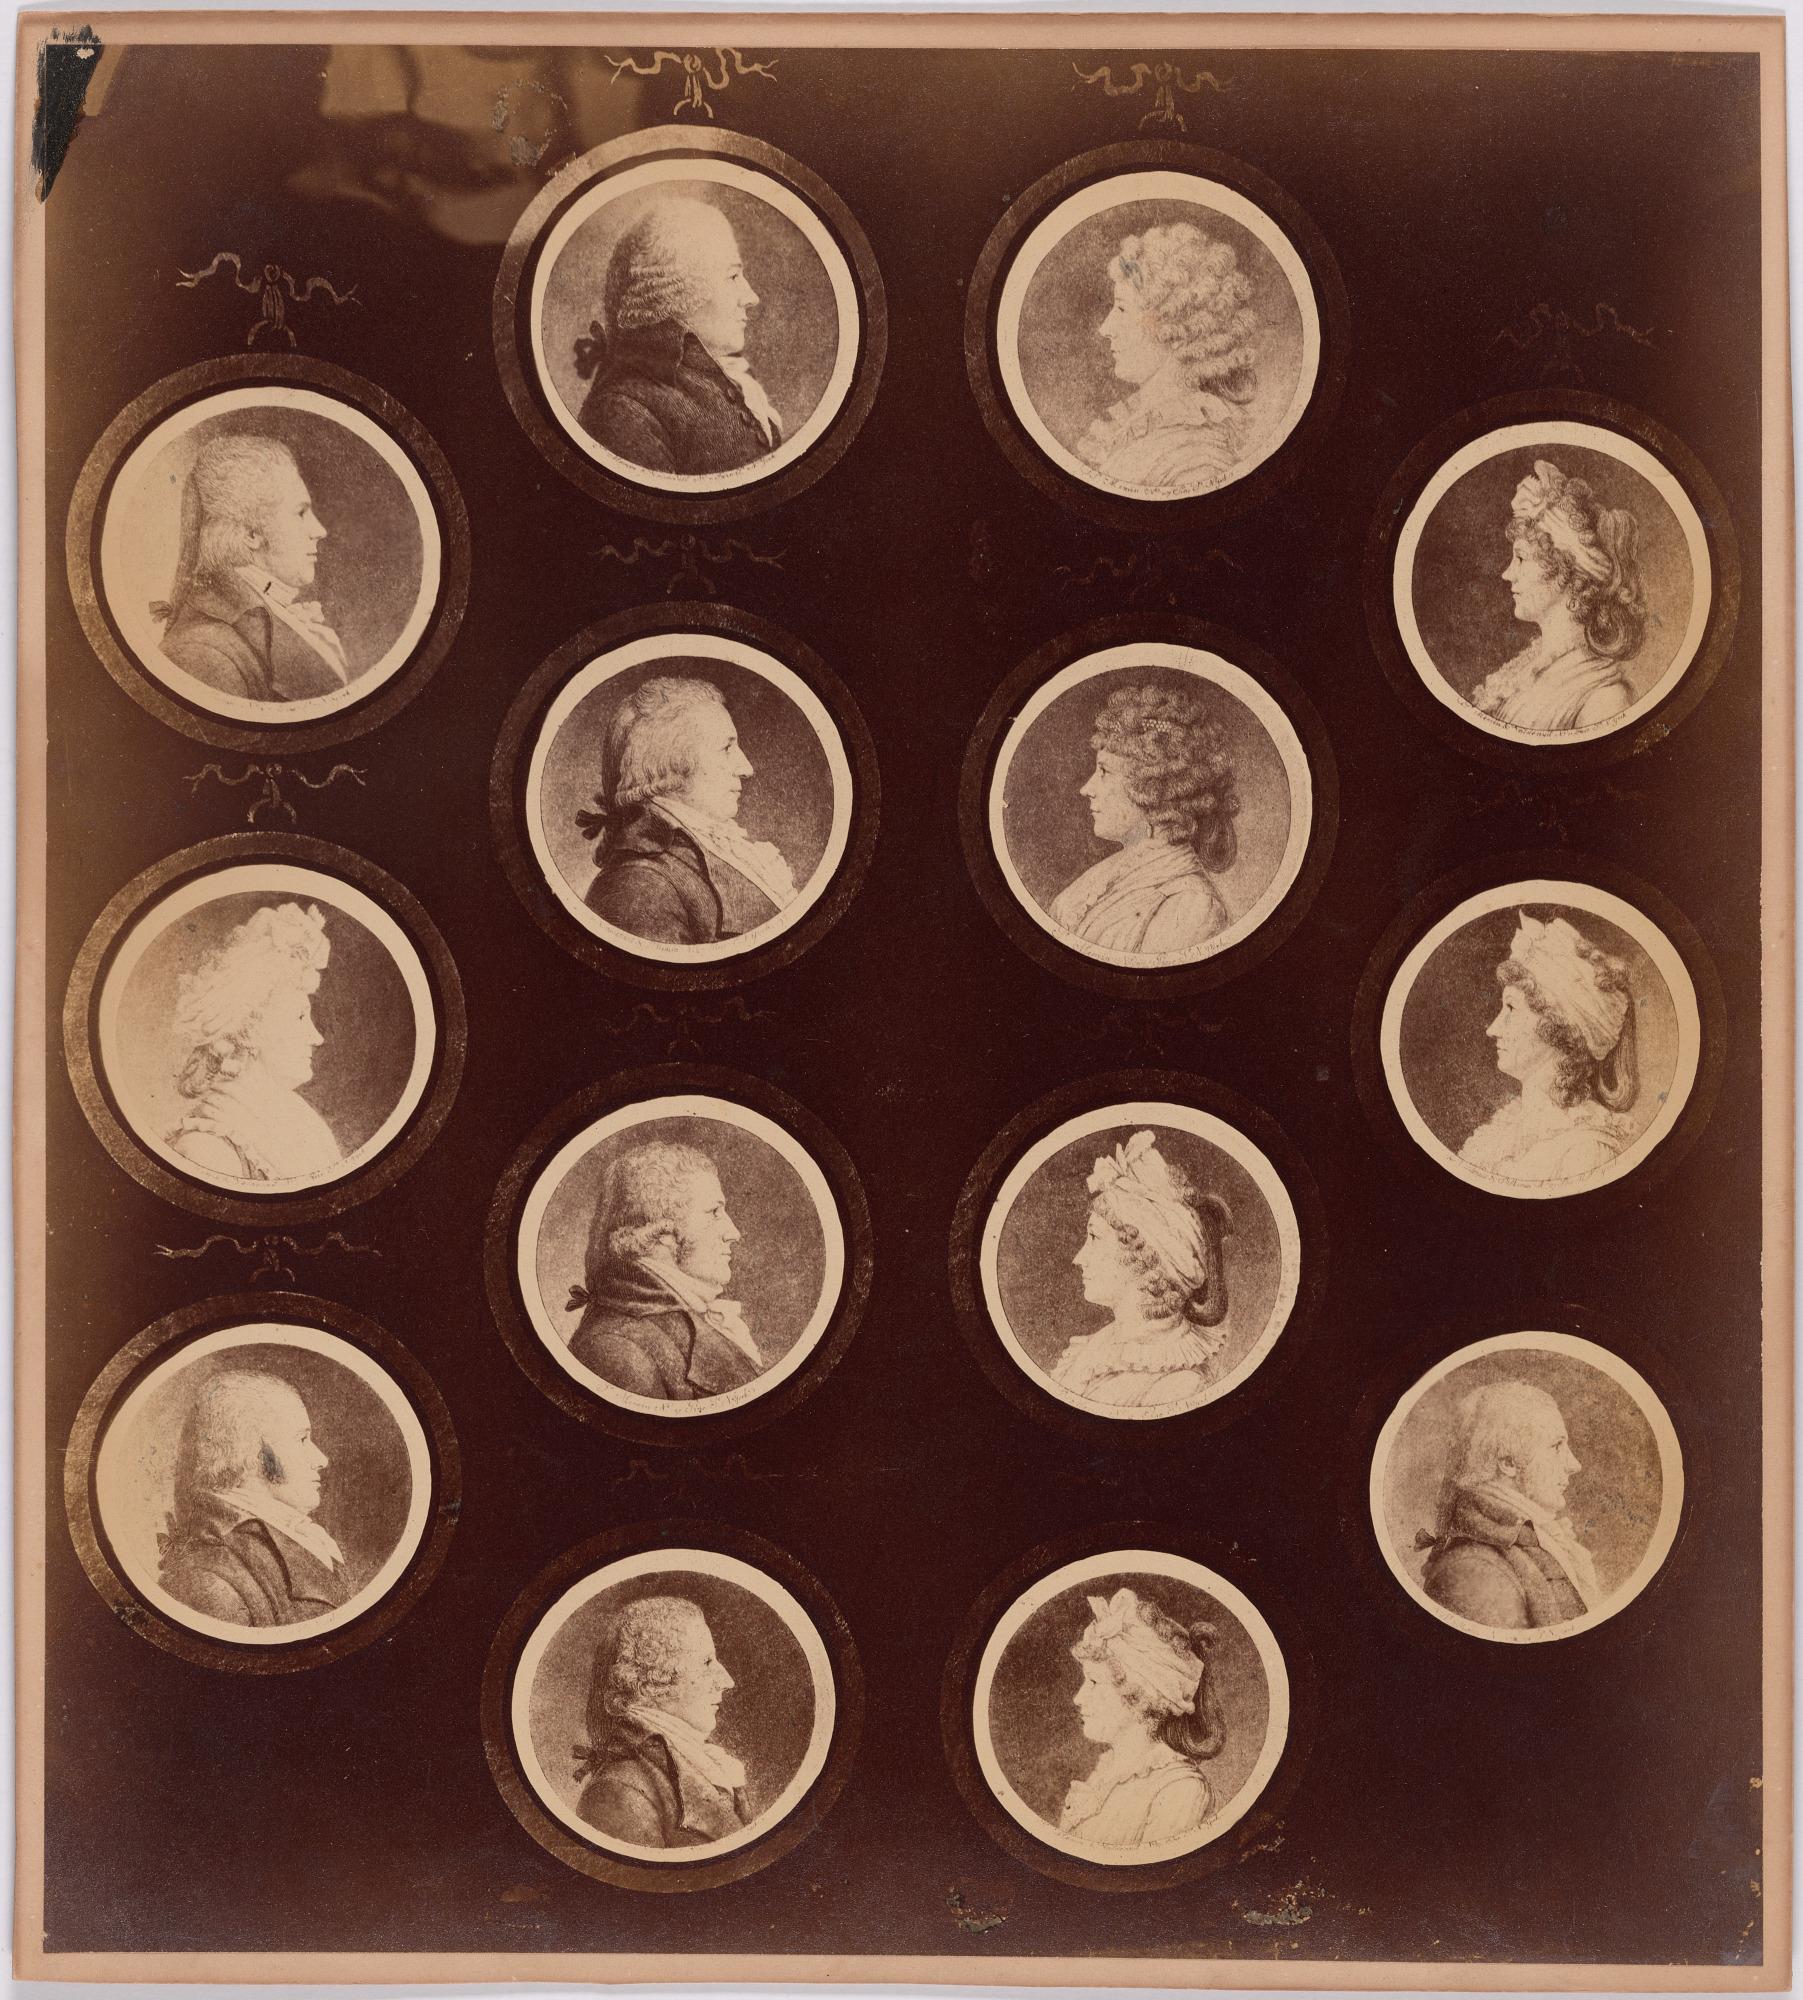 Saint-Memin portrait engravings